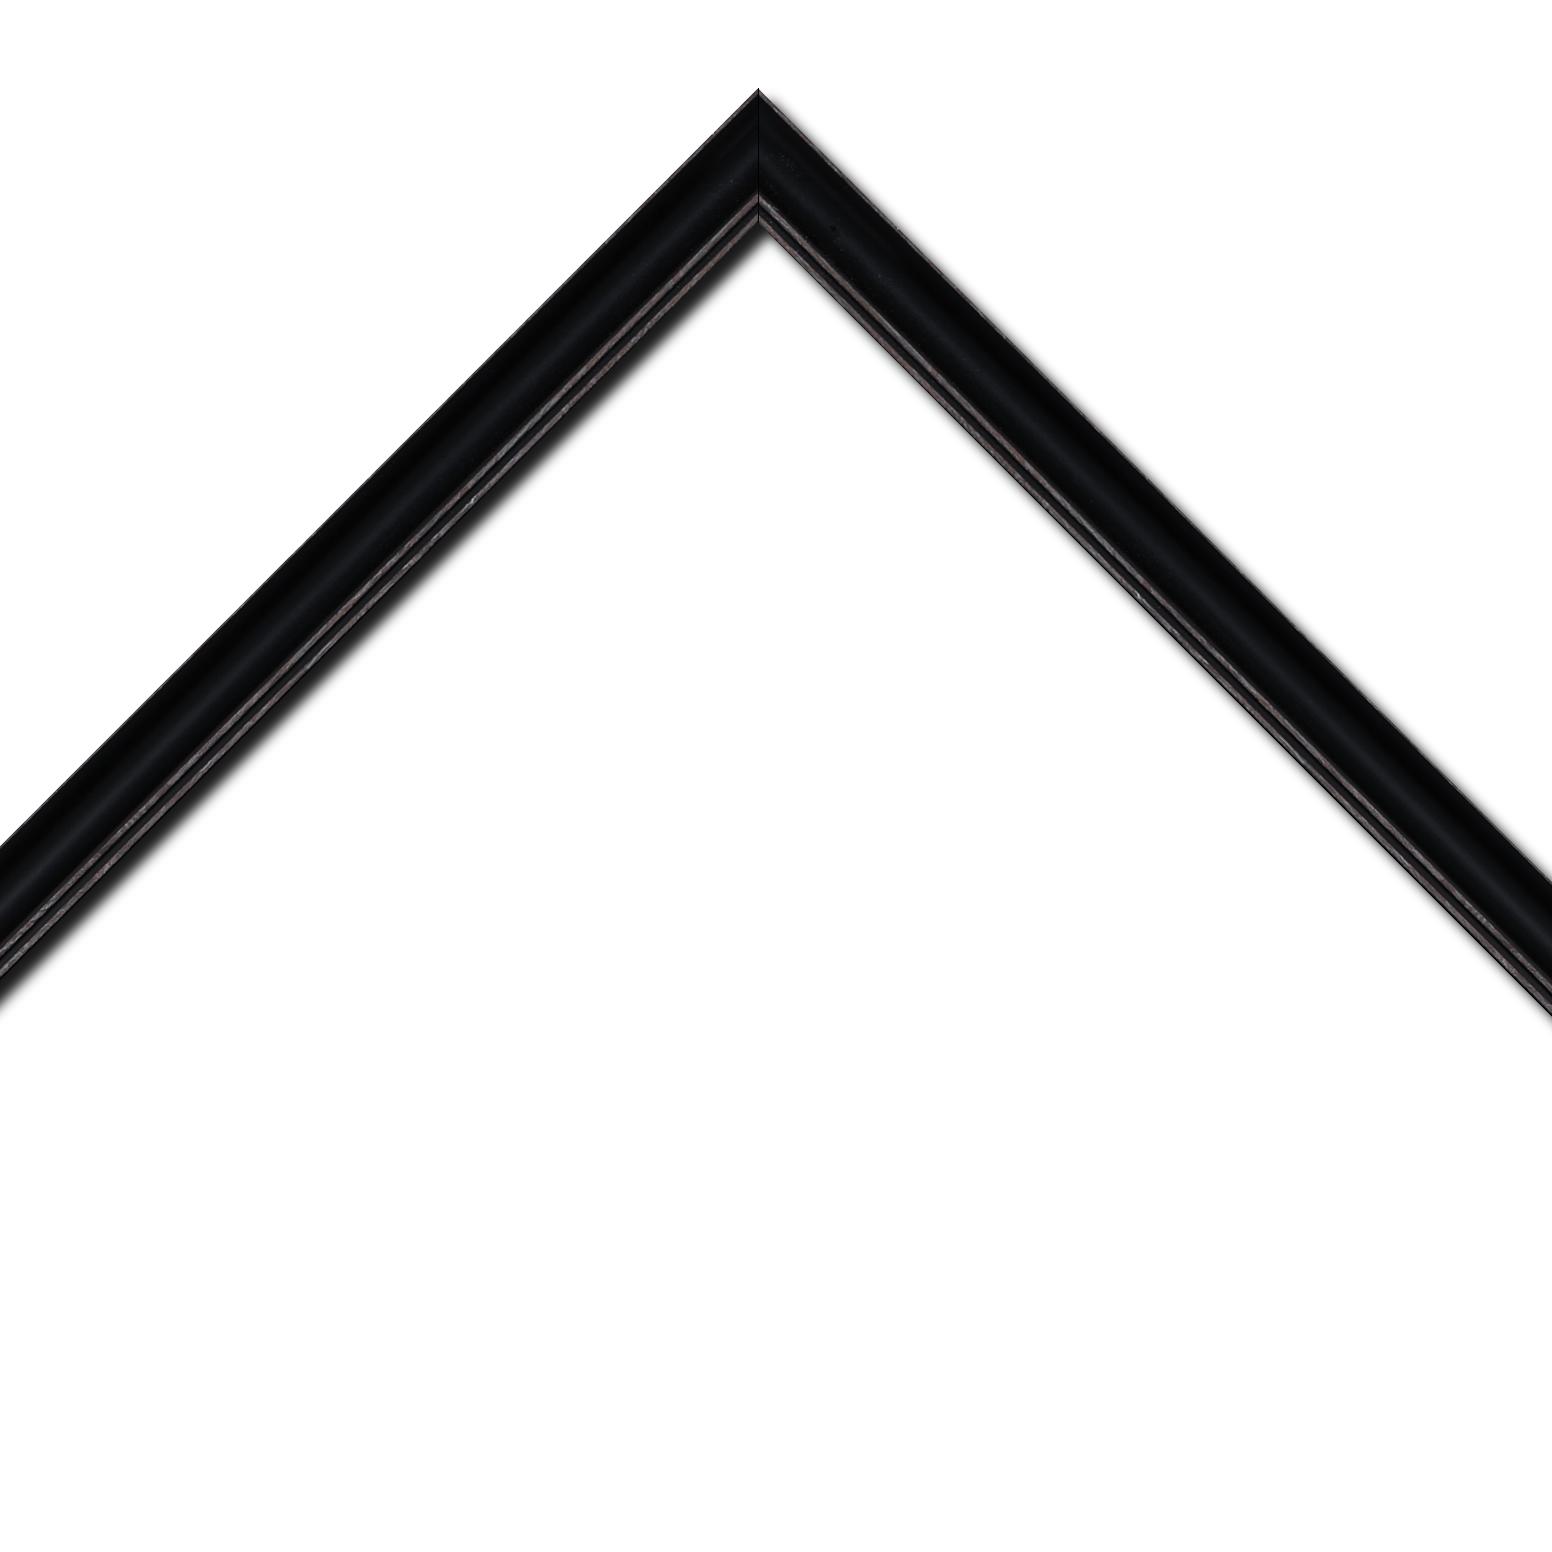 Baguette bois profil doucine inversée largeur 2.3cm noir satiné bord ressuyé